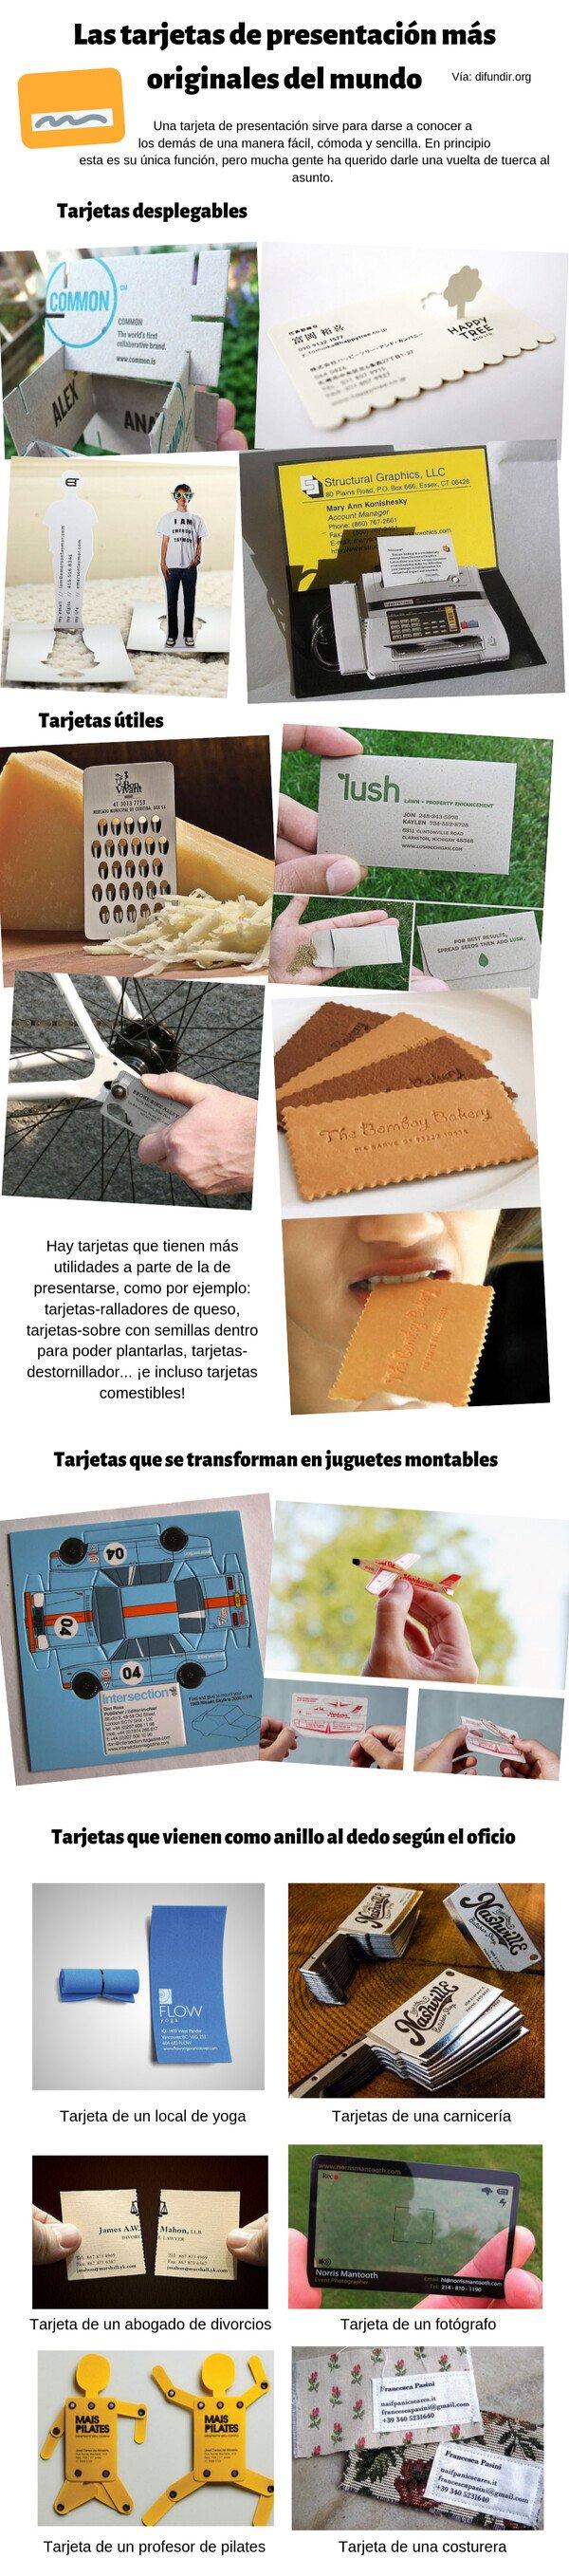 Meme_otros - Las tarjetas de presentación más originales del mundo